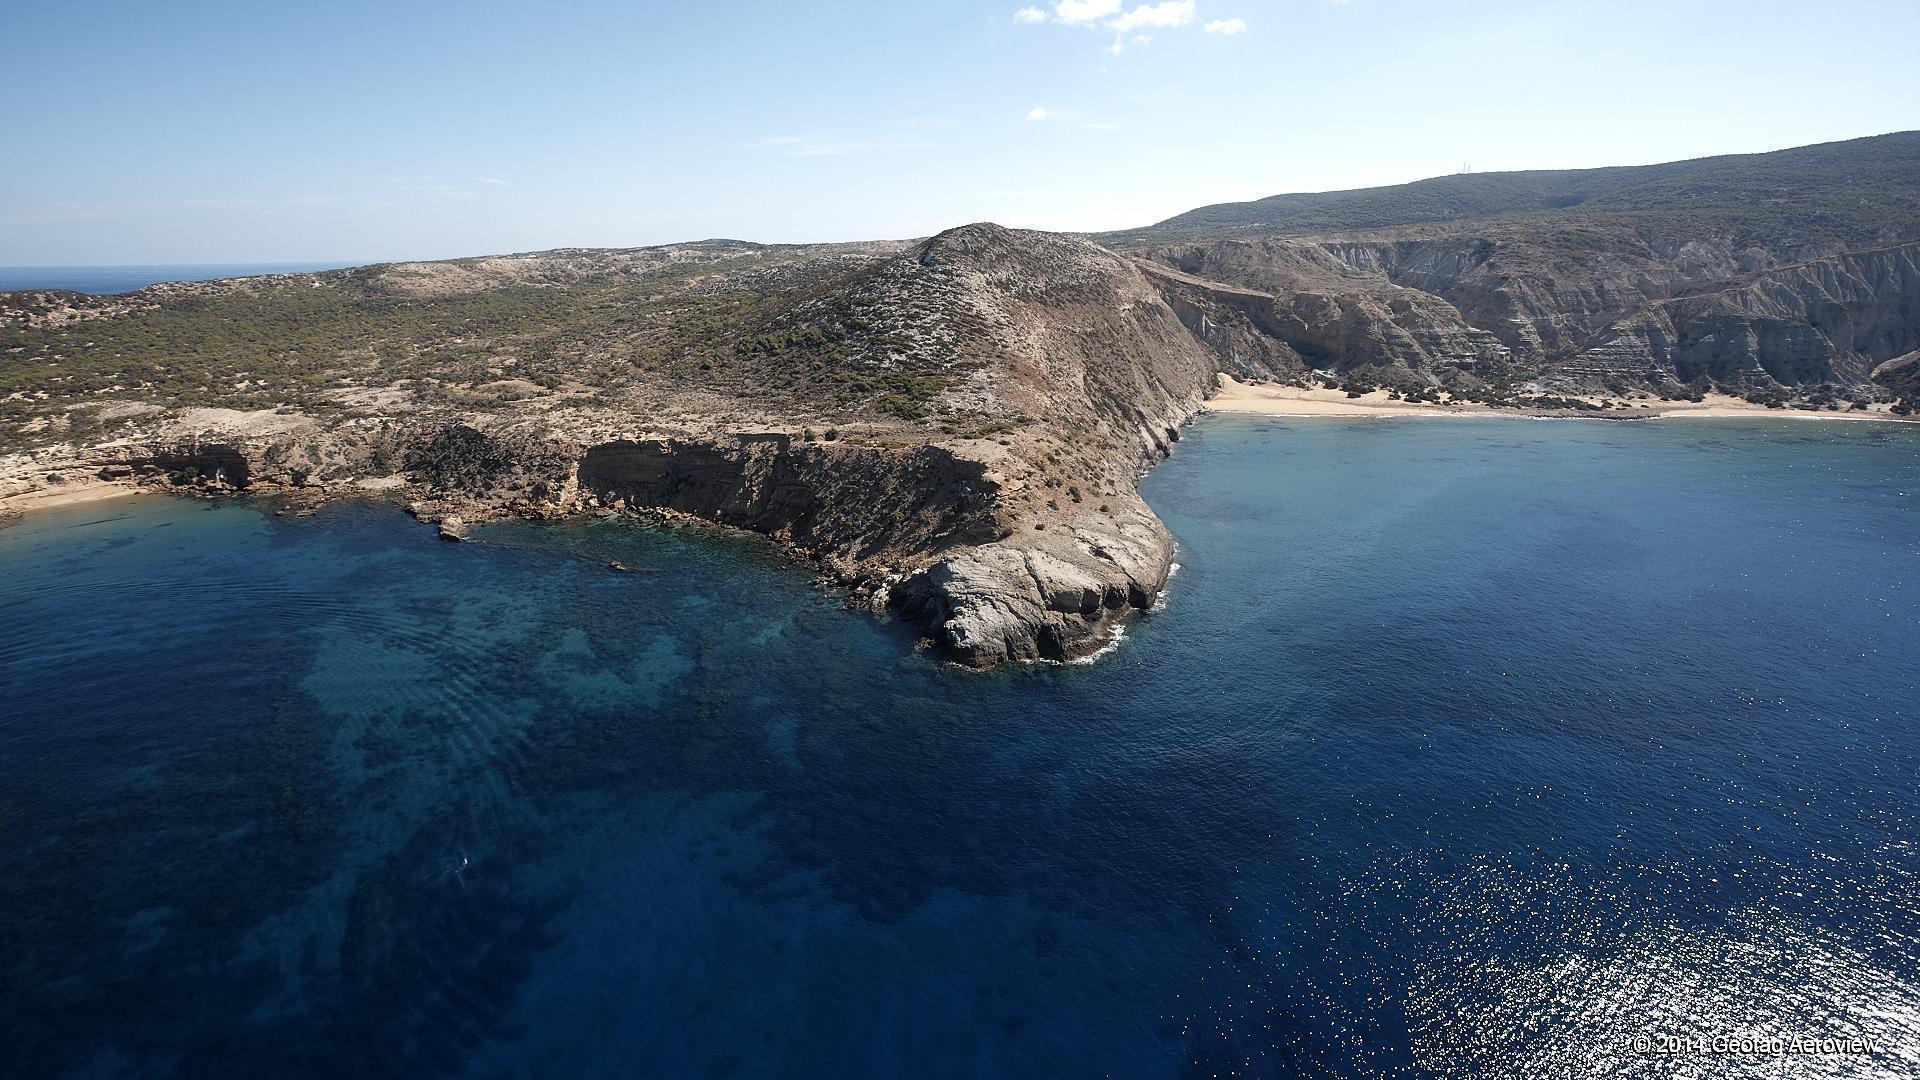 Γαύδος: Το απόμακρο και γοητευτικό νησί της Κρήτης μέσα από 29 υπέροχες φωτογραφίες